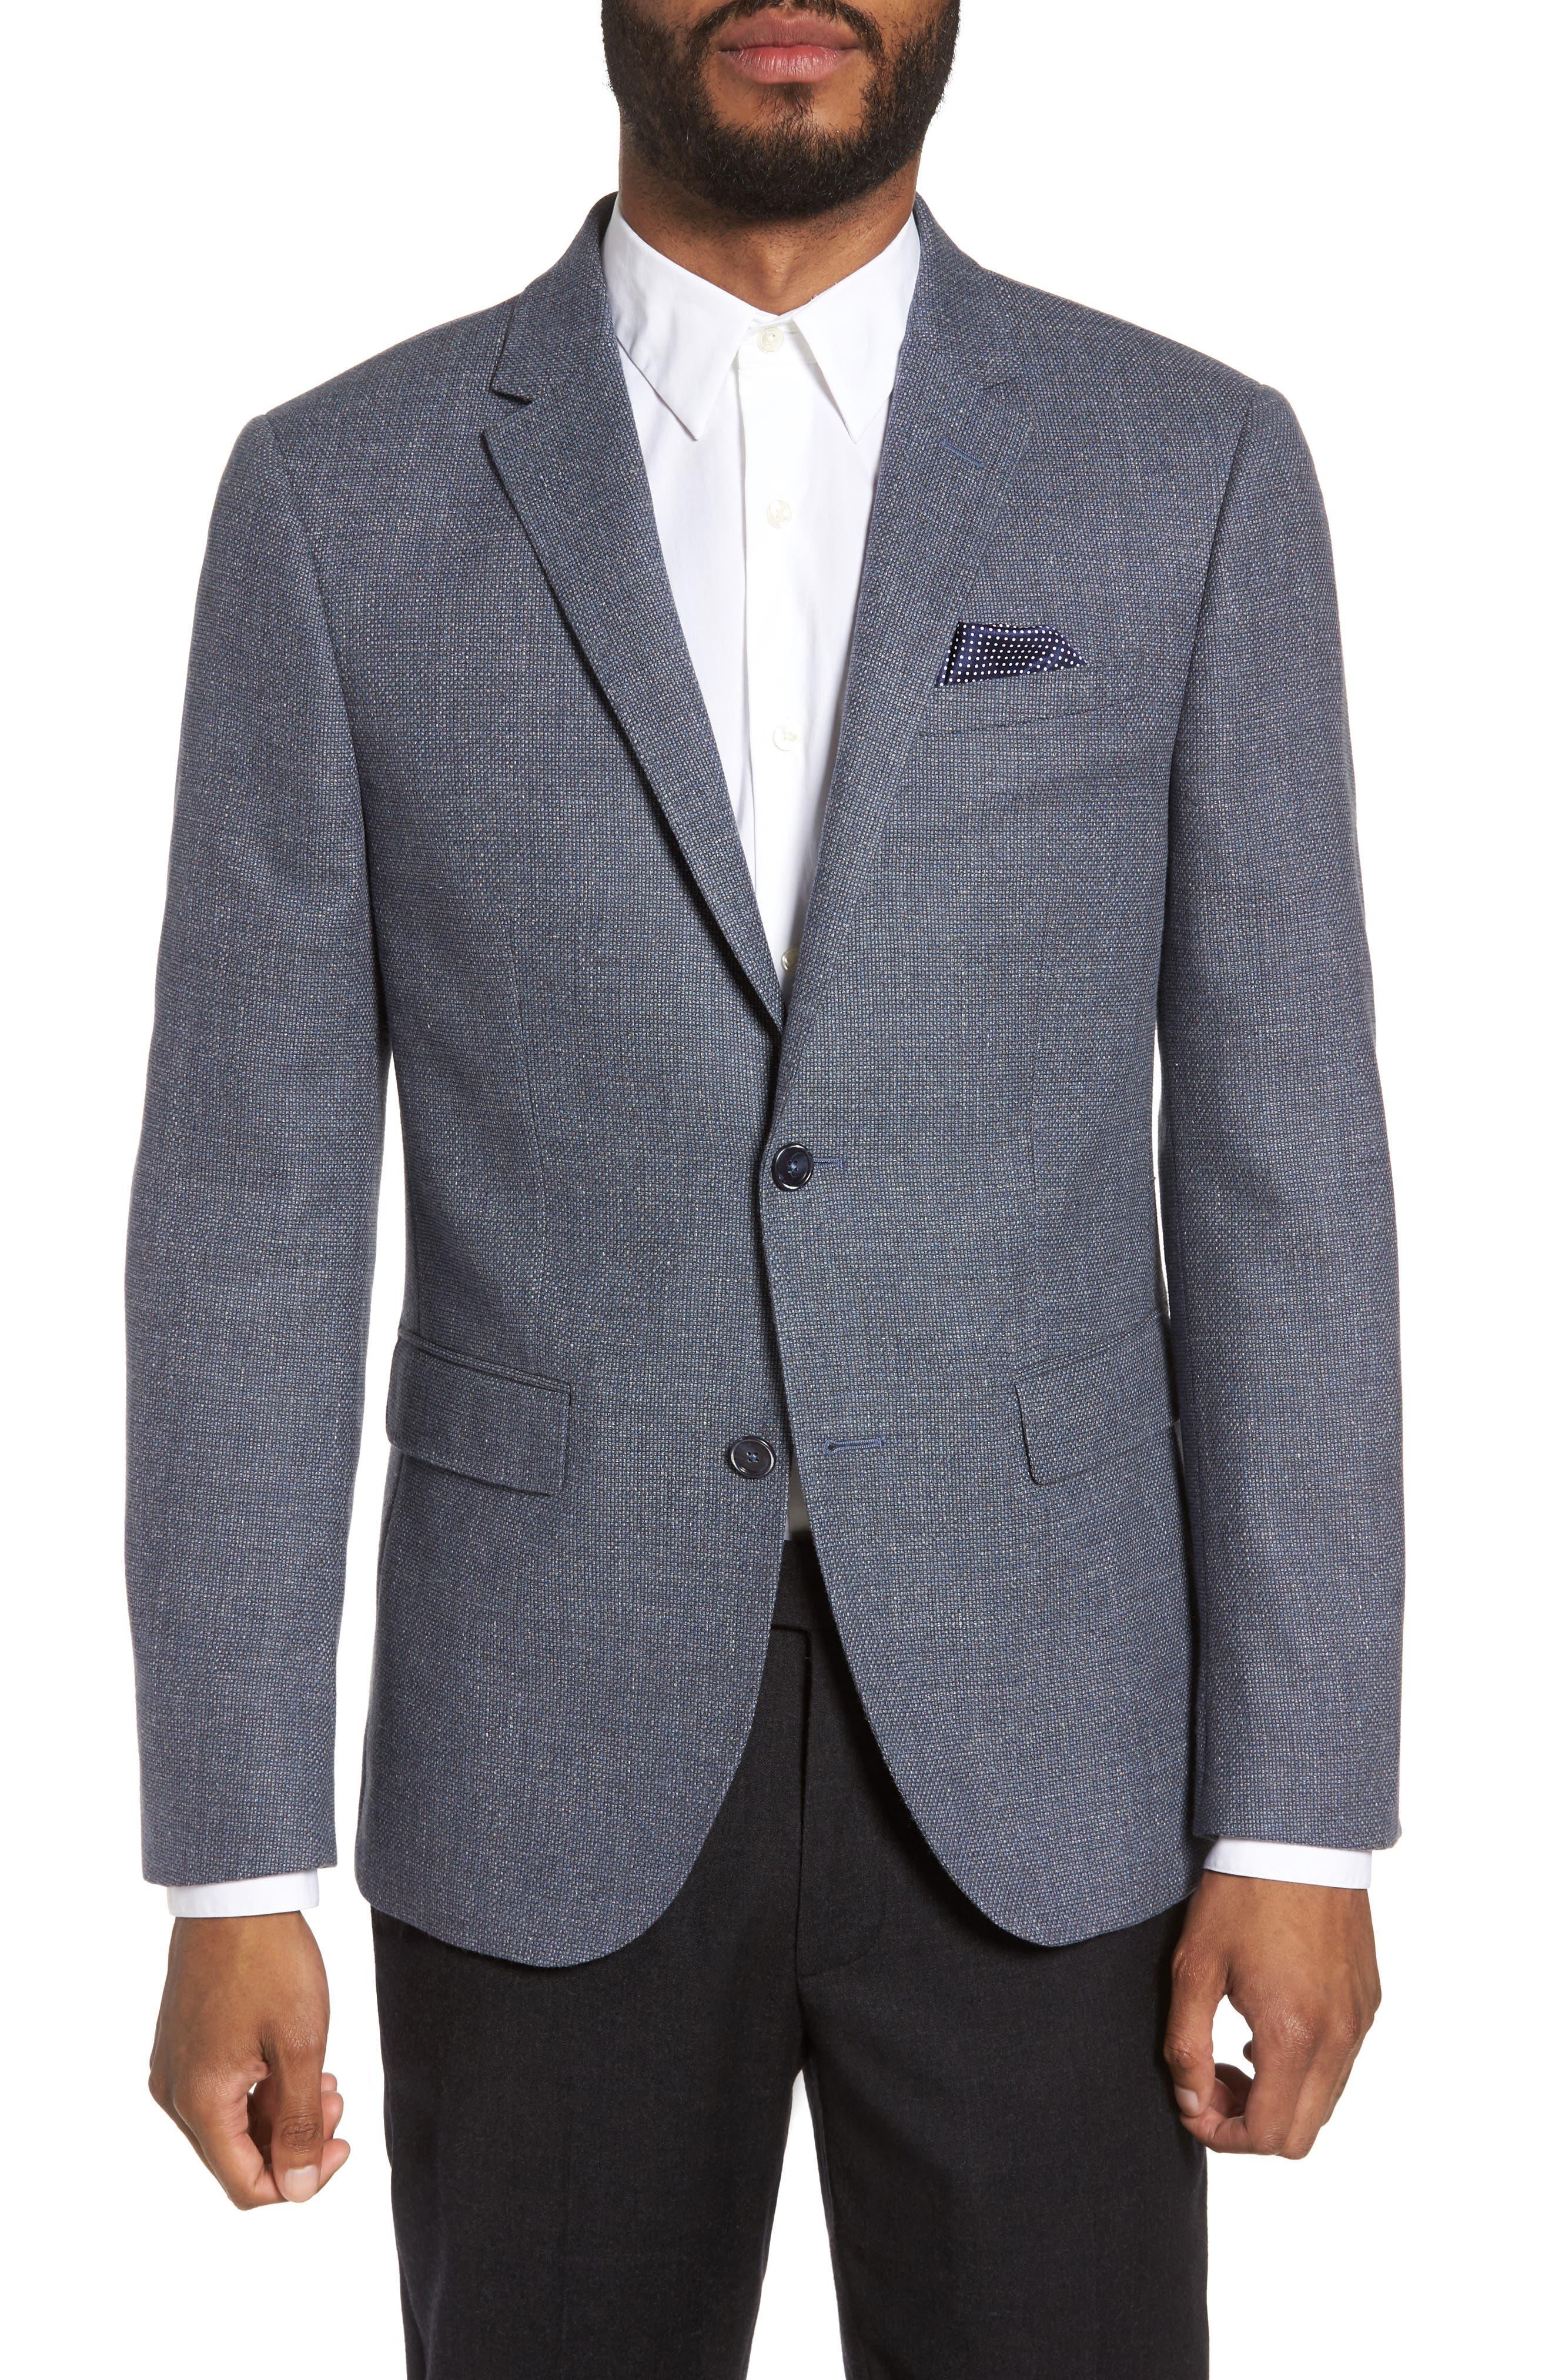 SAND Trim Fit Wool & Cotton Blazer